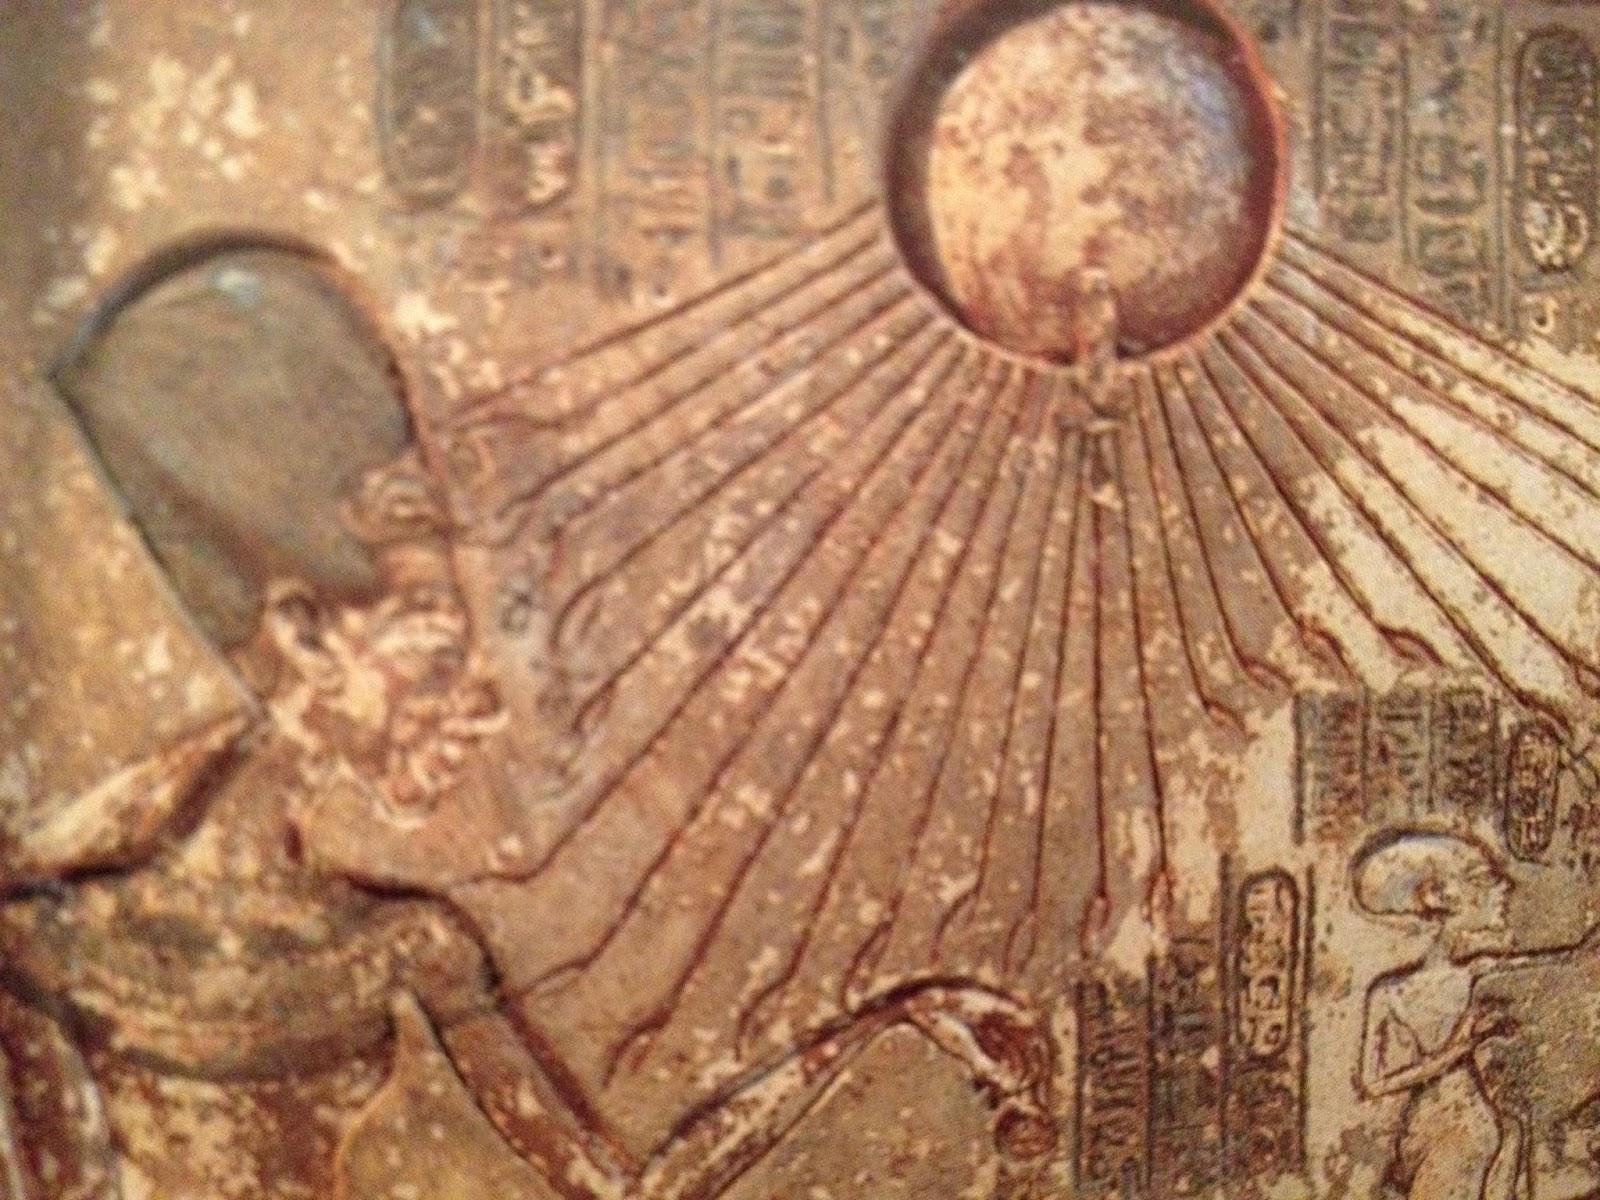 eugene ray architect: egyptian biotronics / the whole earth catalog